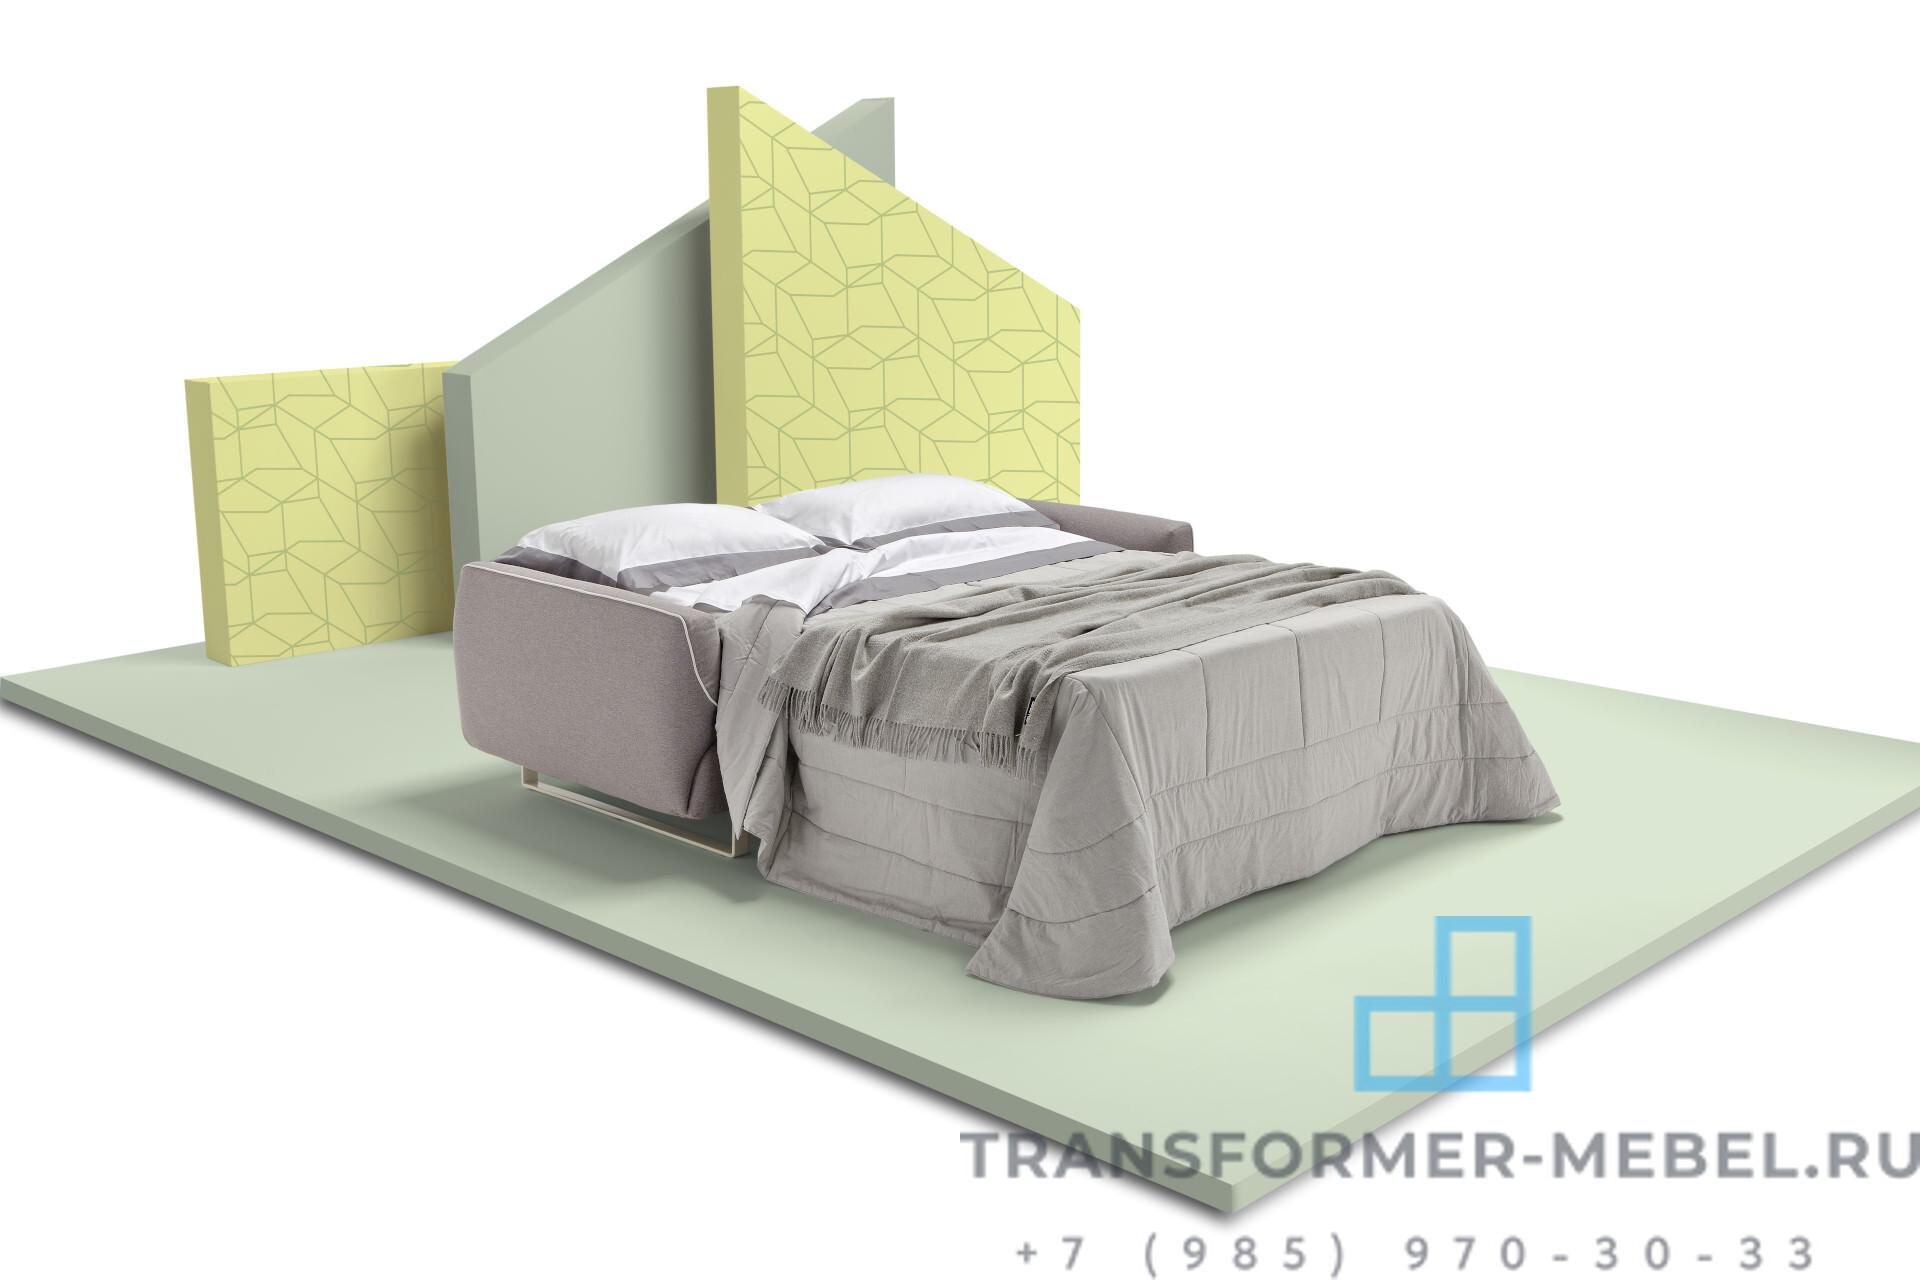 мебель трансформер диван кровать 5